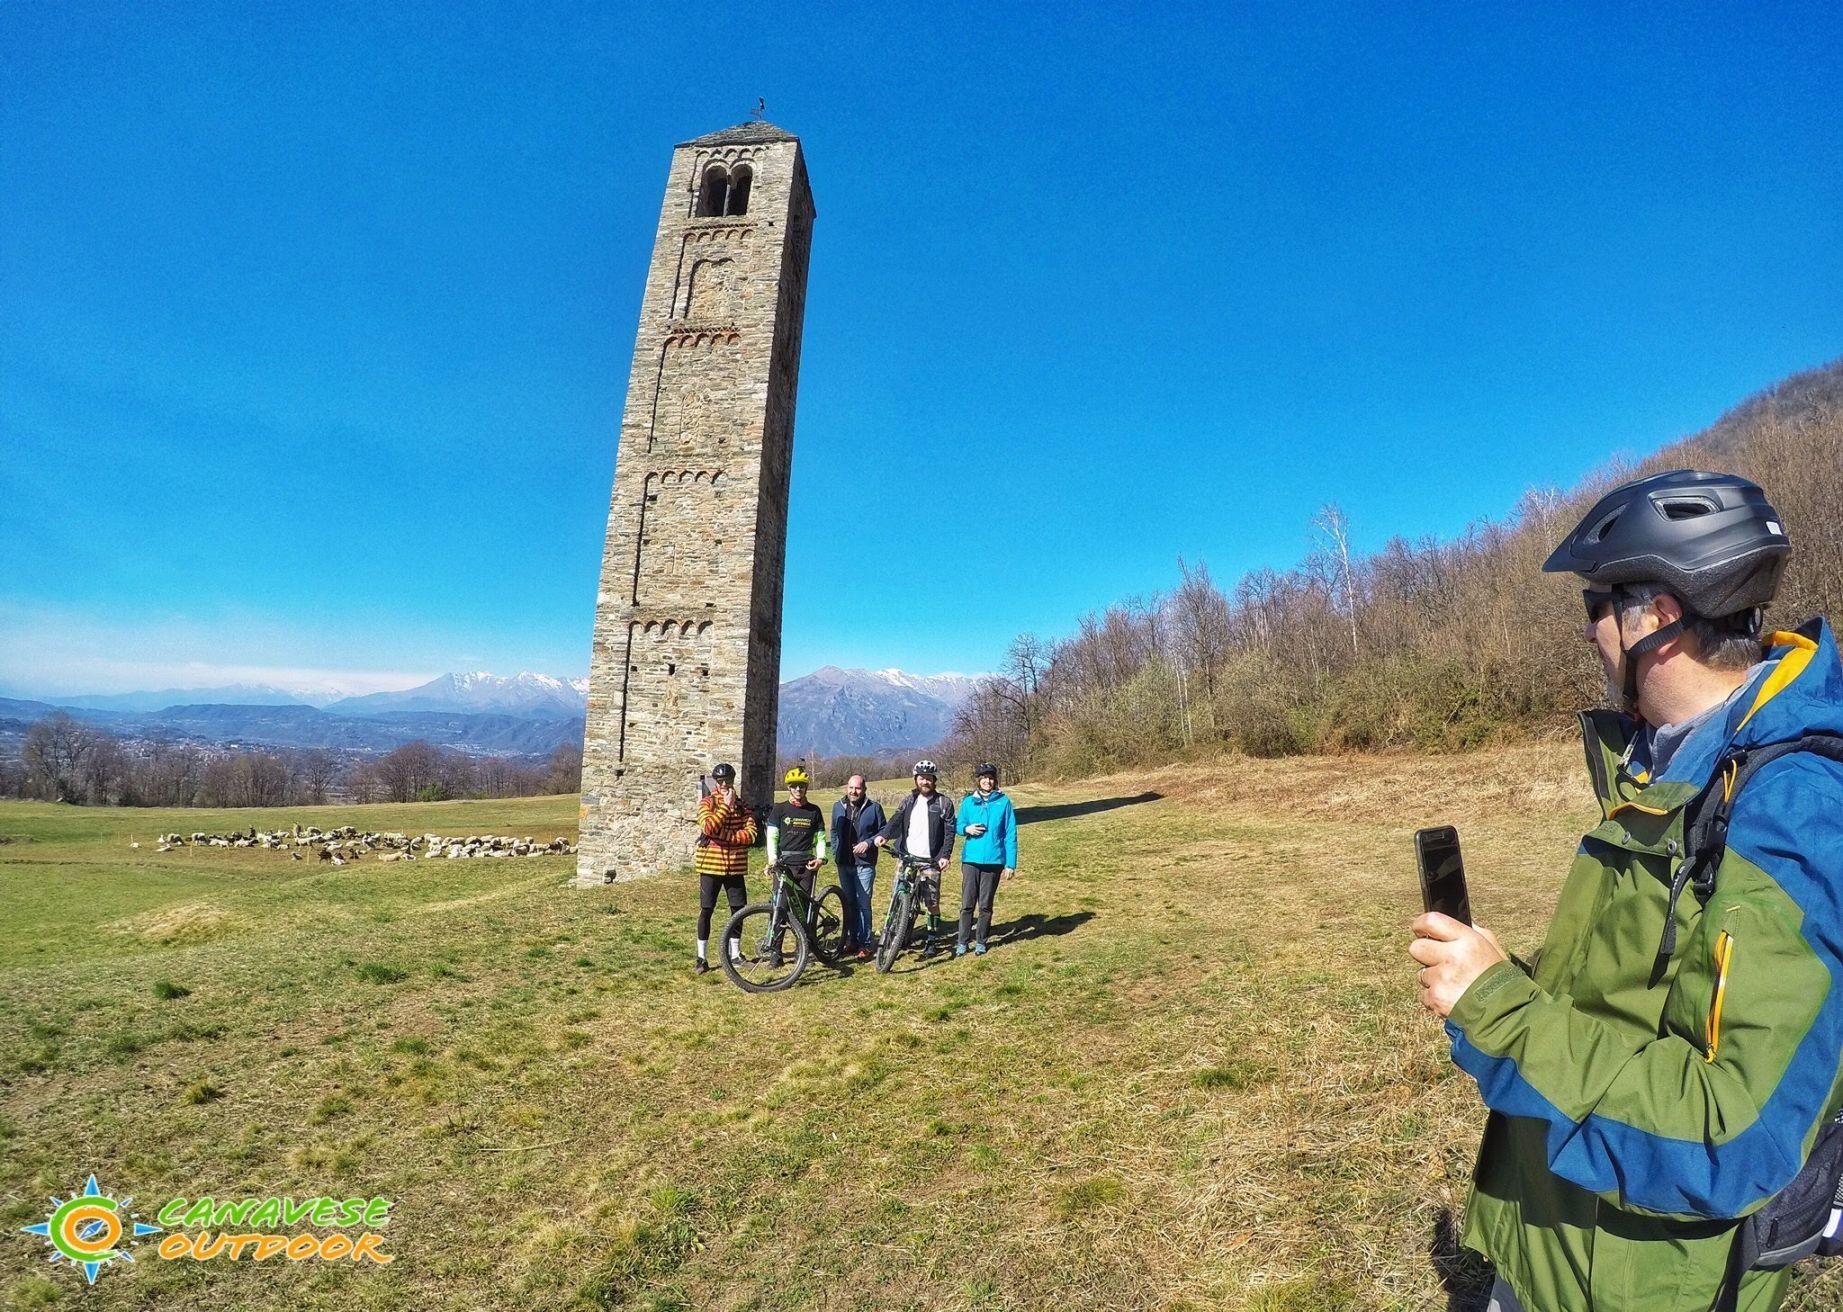 TURISMO - Scoprire il Canavese in bicicletta: «E-motion land: un territorio tutto da pedalare»